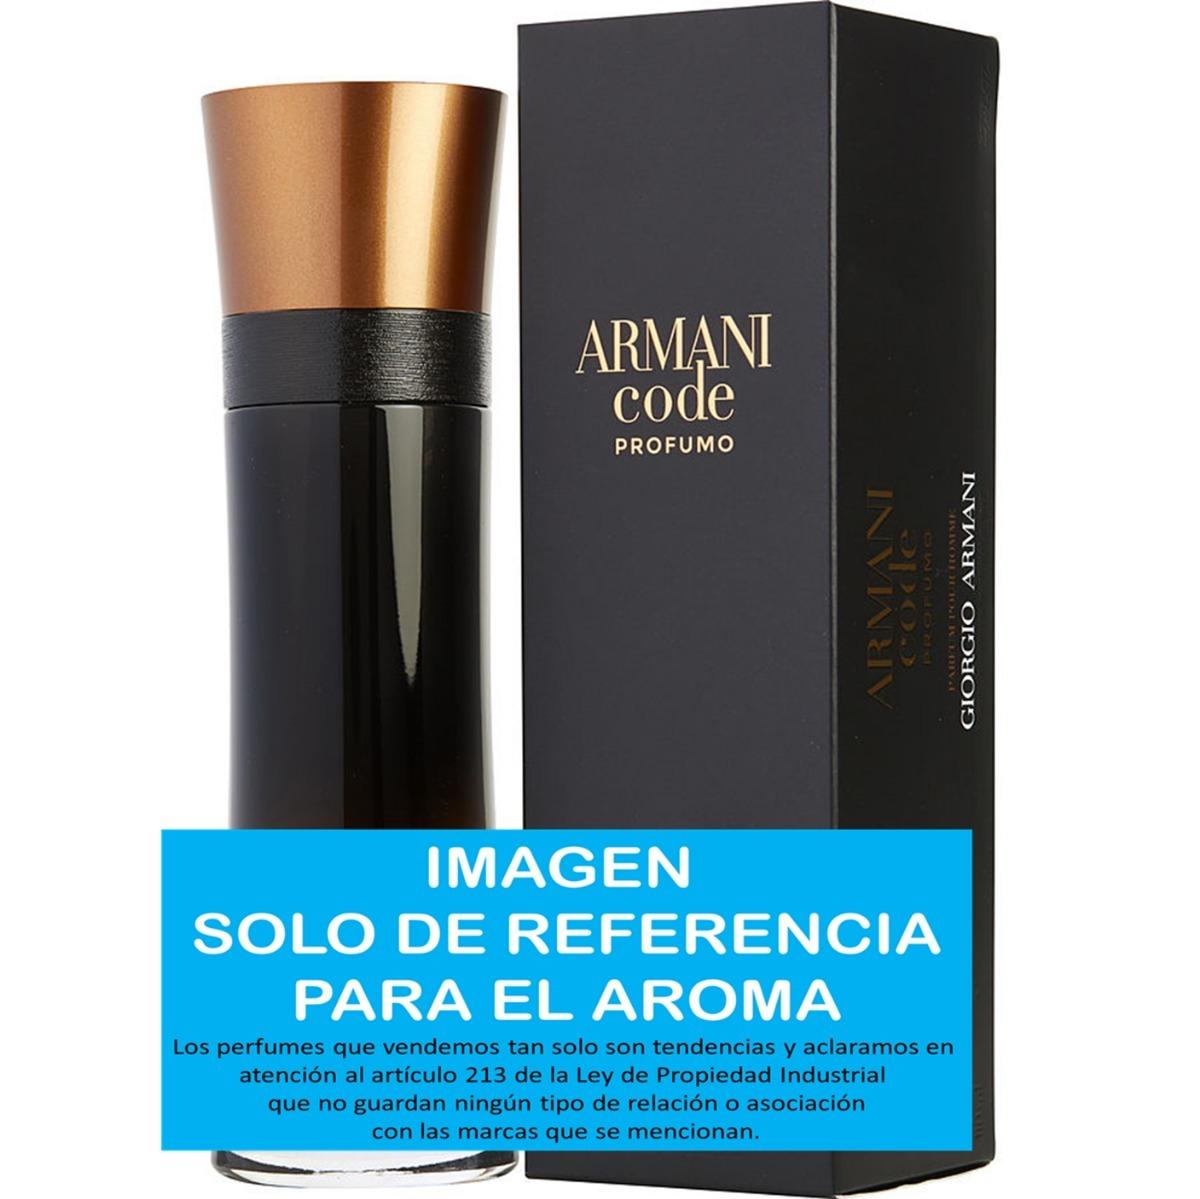 78cadfa85 perfume contratipo o tendencia a armani code profumo zenz. Cargando zoom.